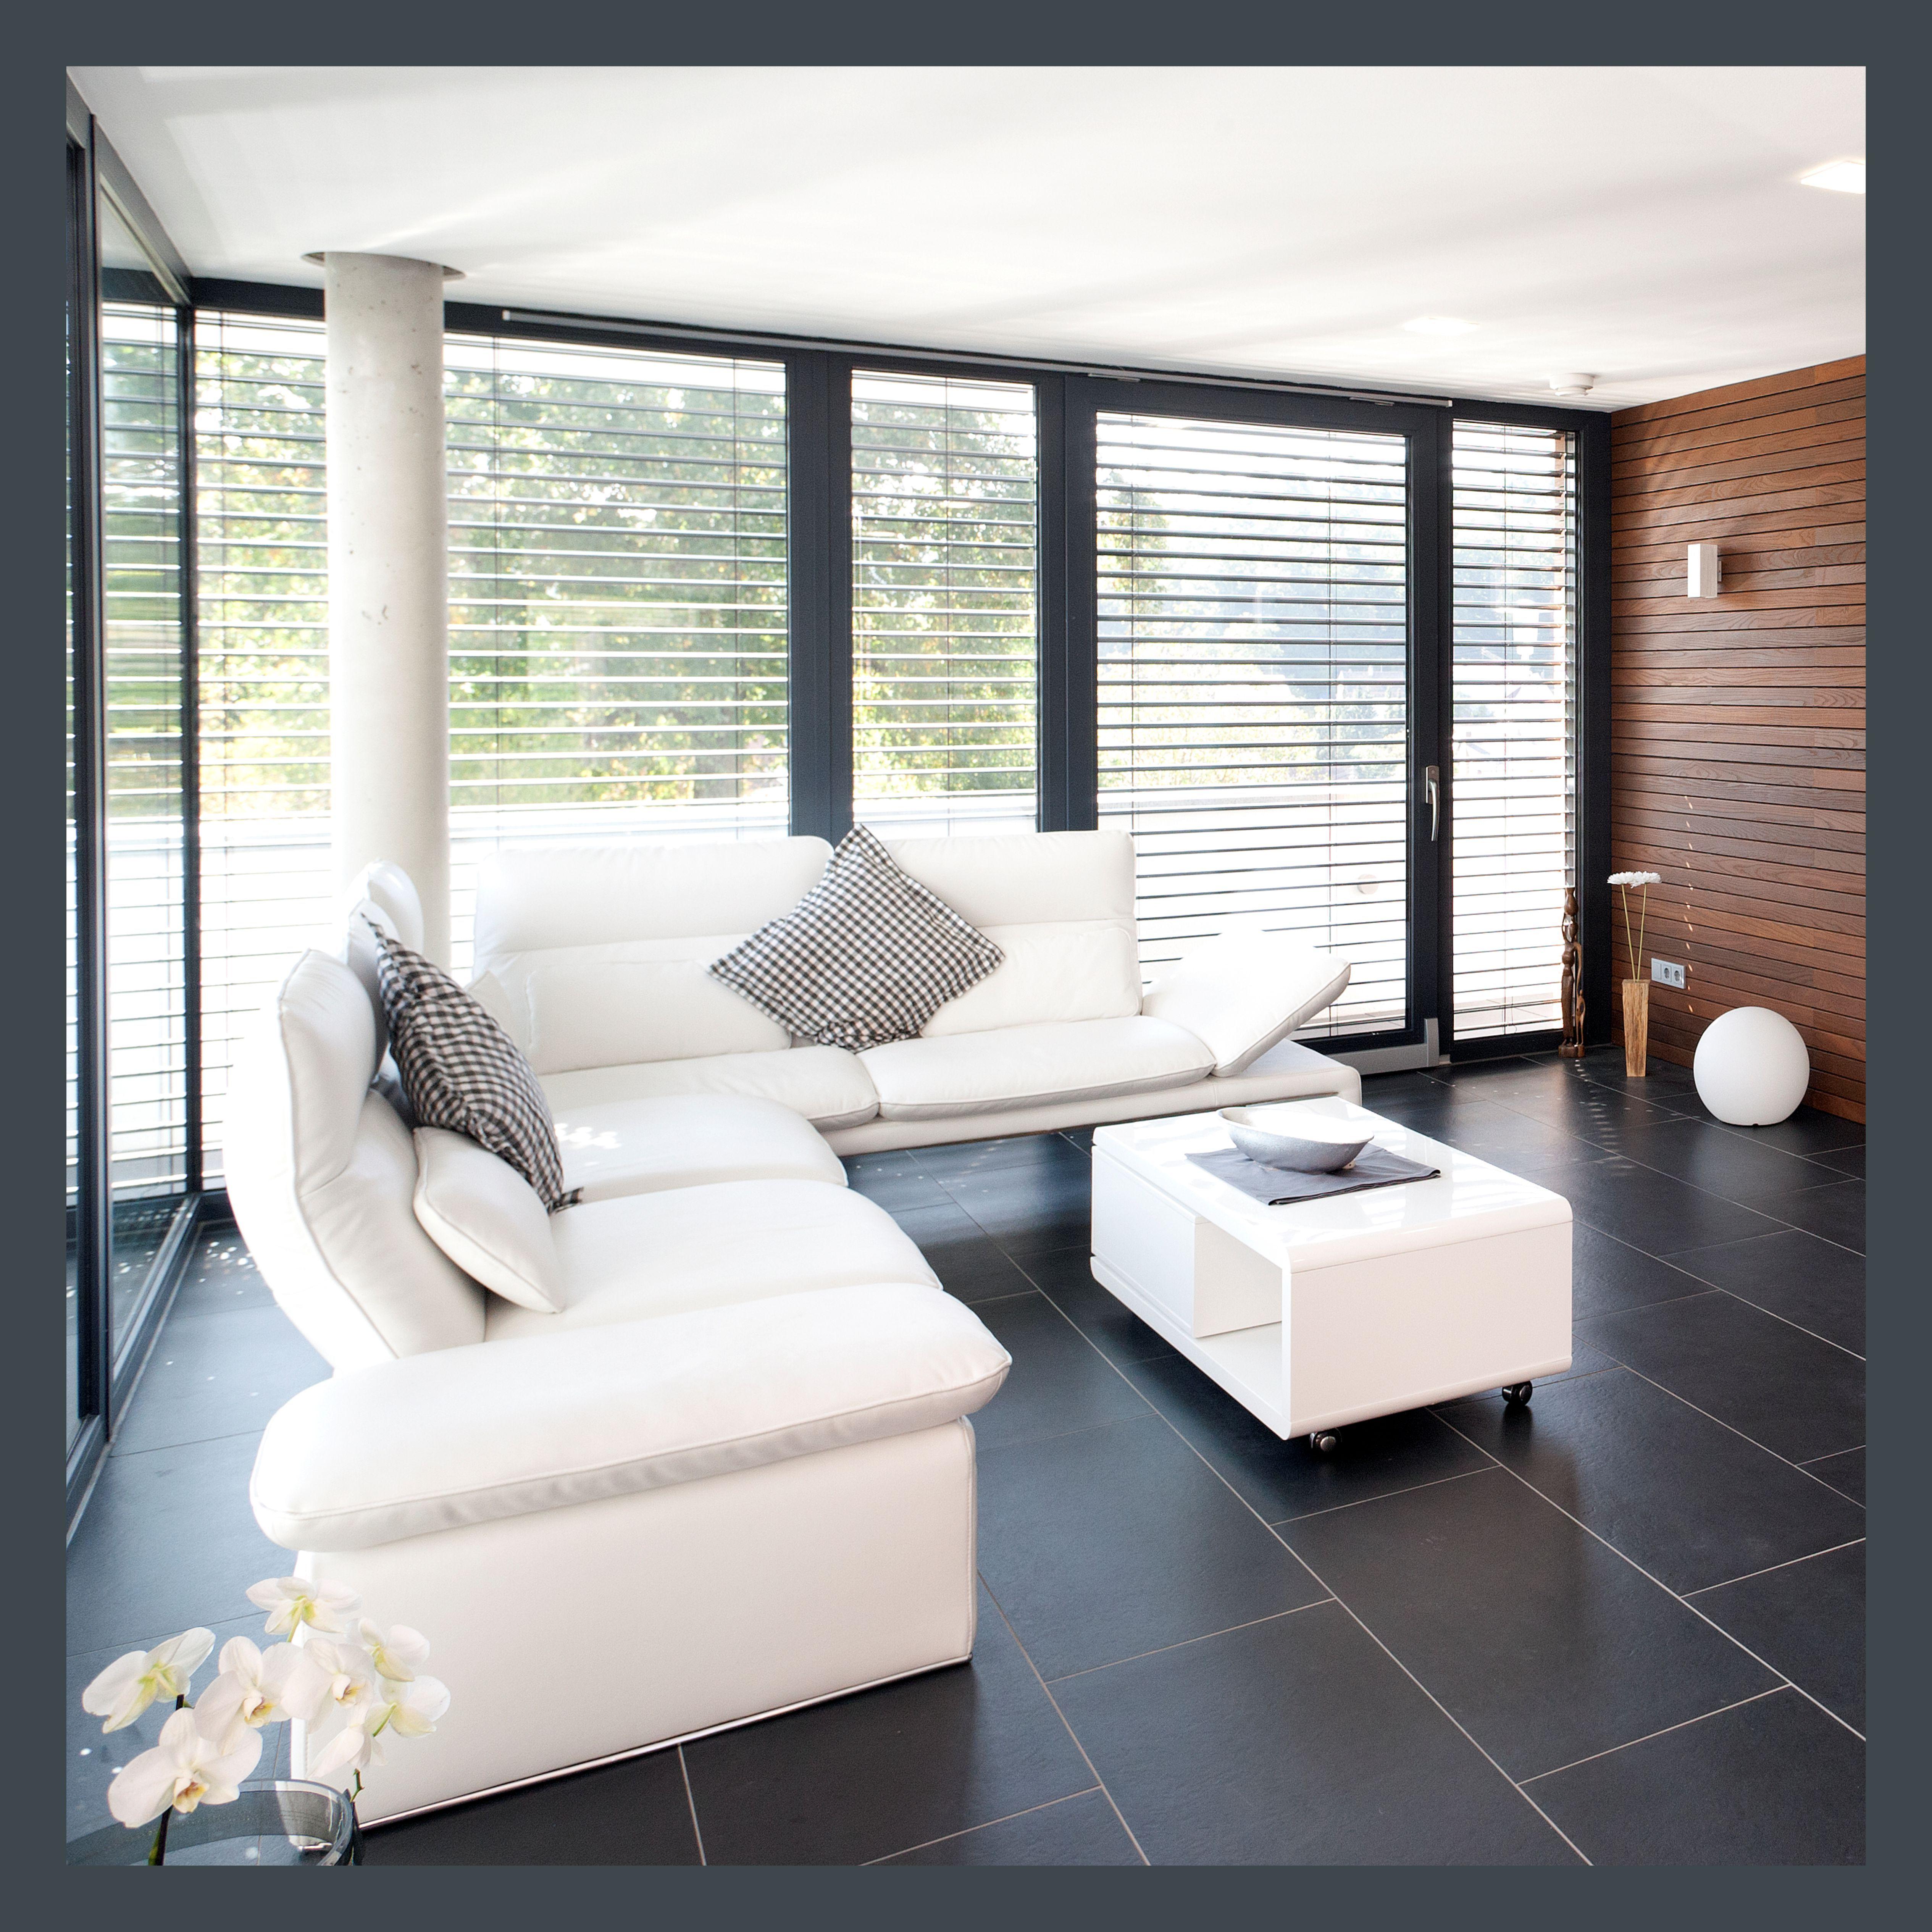 ein raum an der grenze zwischen innen und aussen ein ort der ruhe und des ausgleichs aber auch. Black Bedroom Furniture Sets. Home Design Ideas